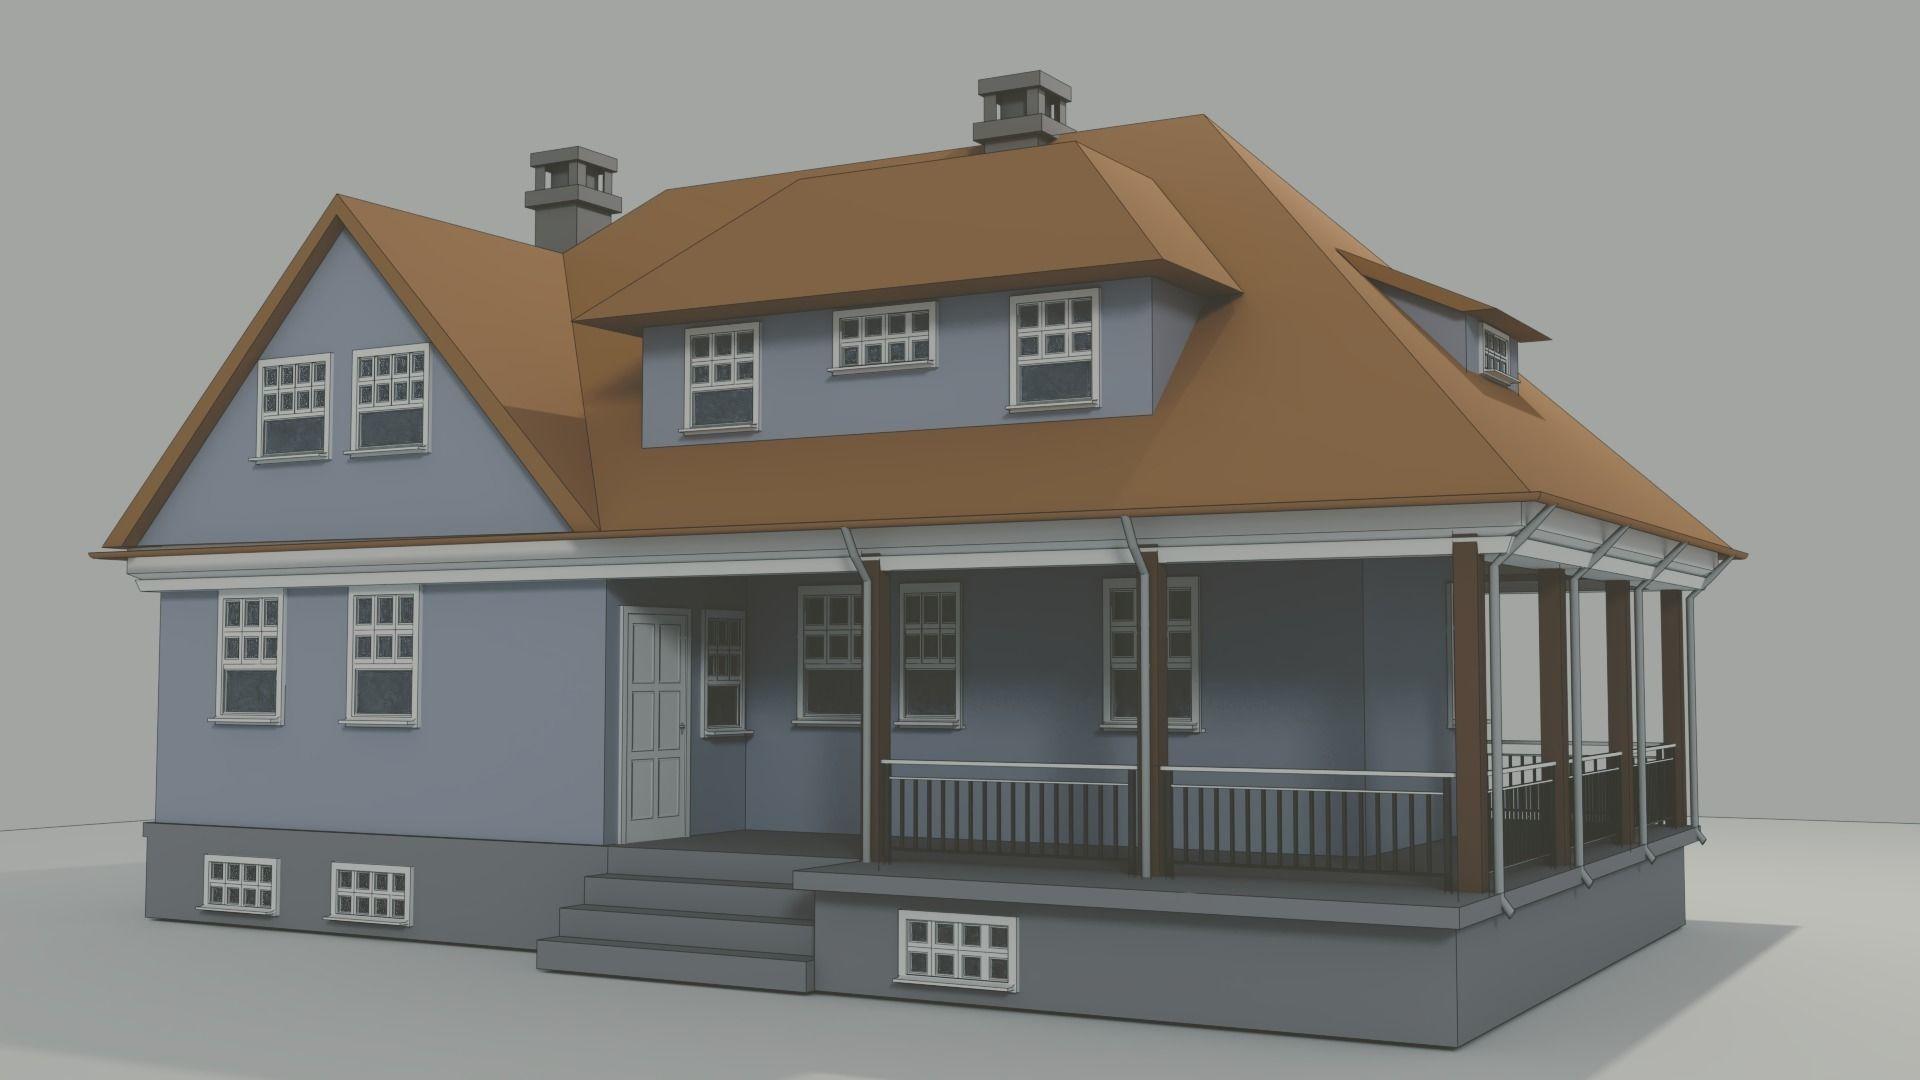 House Made In Blender 3d Model